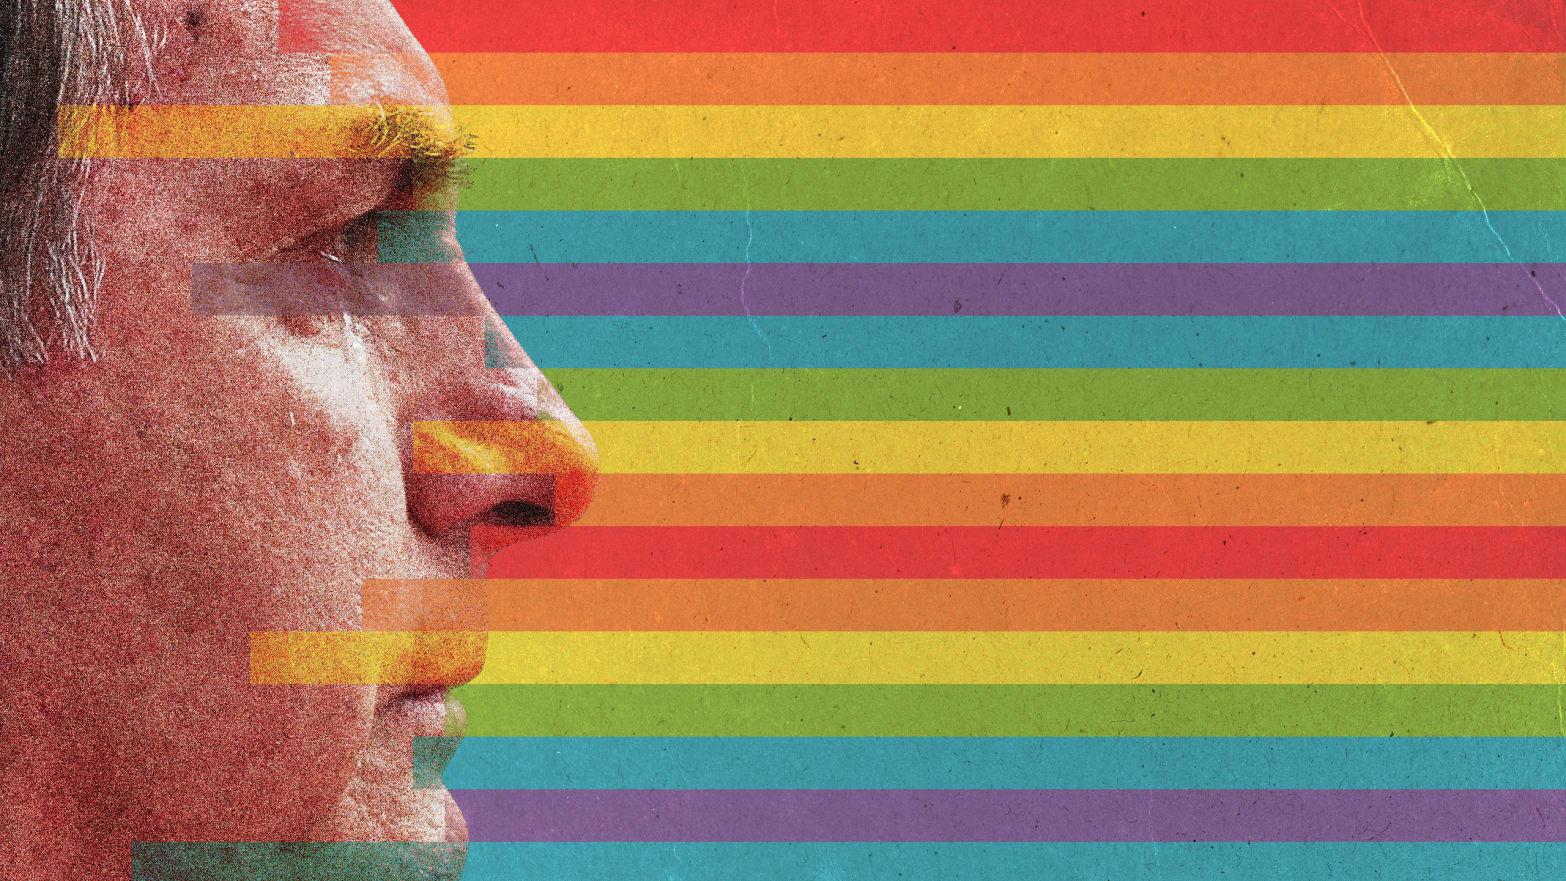 Brezilya Başkanı: Bir kadınla seks yapmak isteyen buraya gelebilir, ama eşcinsel turist istemiyoruz!